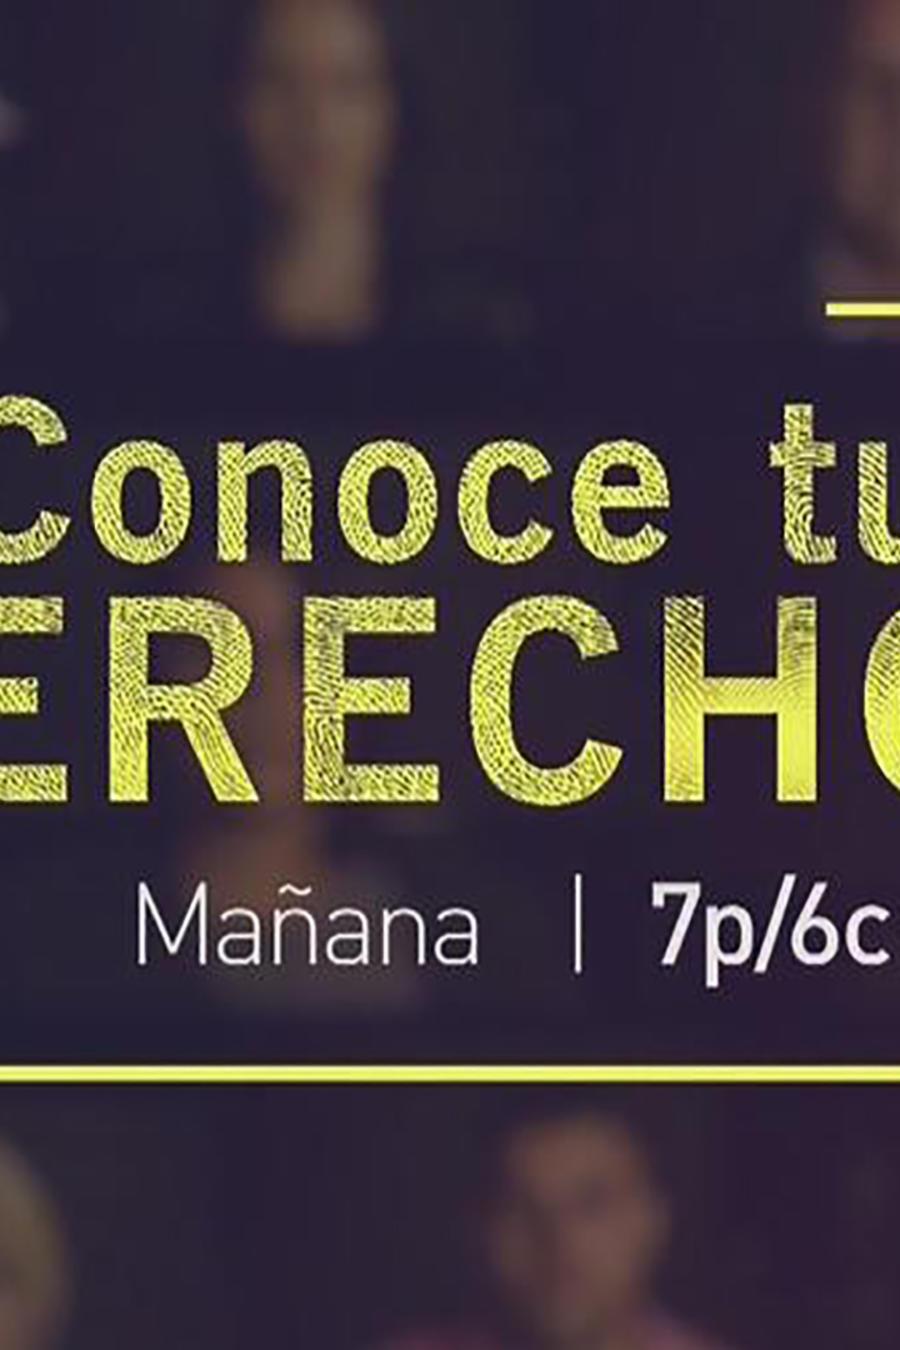 """Especial de Telemundo """"Conoce tus derechos"""" 7pm/6c"""